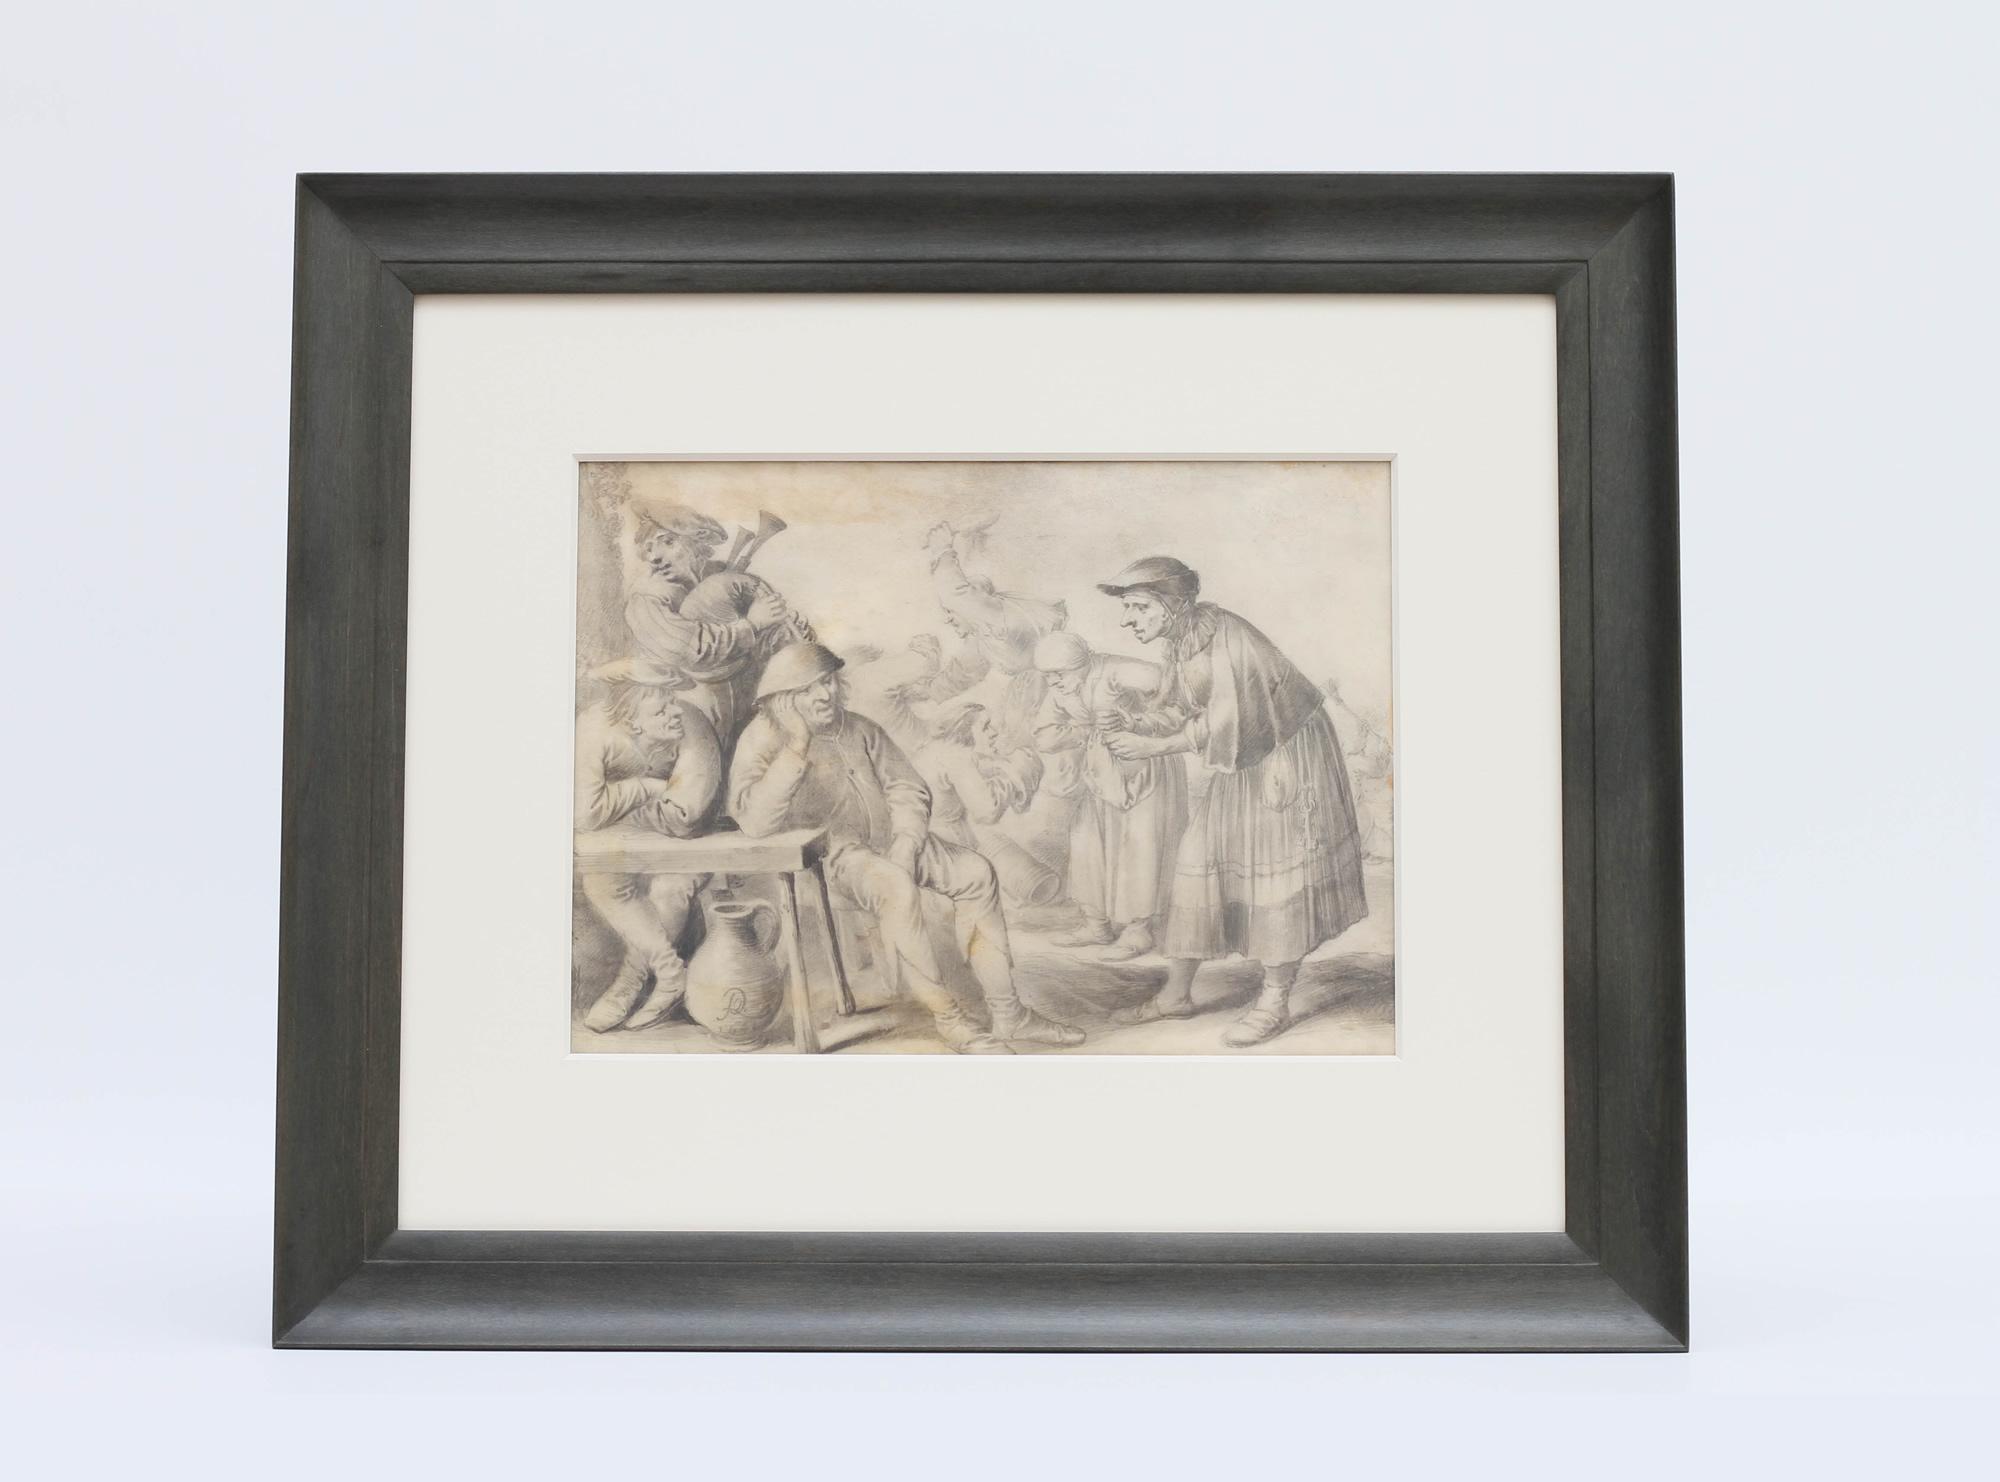 Pieter Quast Print Framed by Bark Frameworks